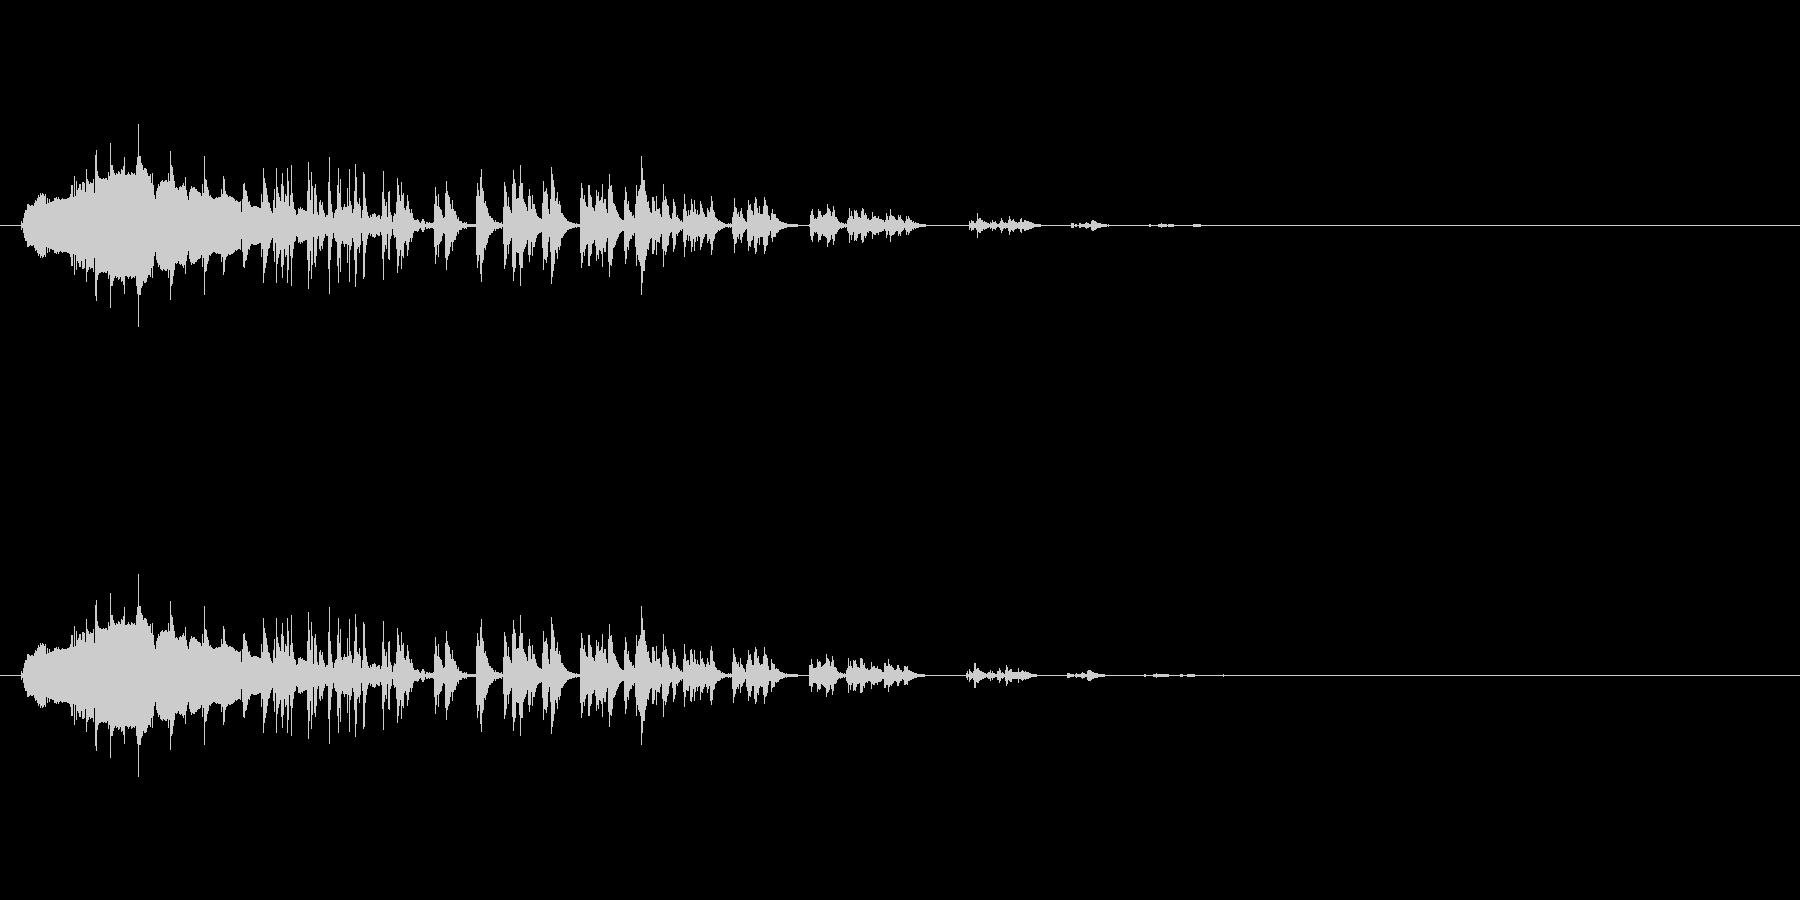 お腹がすく音 (グウゥゥゥゥー)の未再生の波形